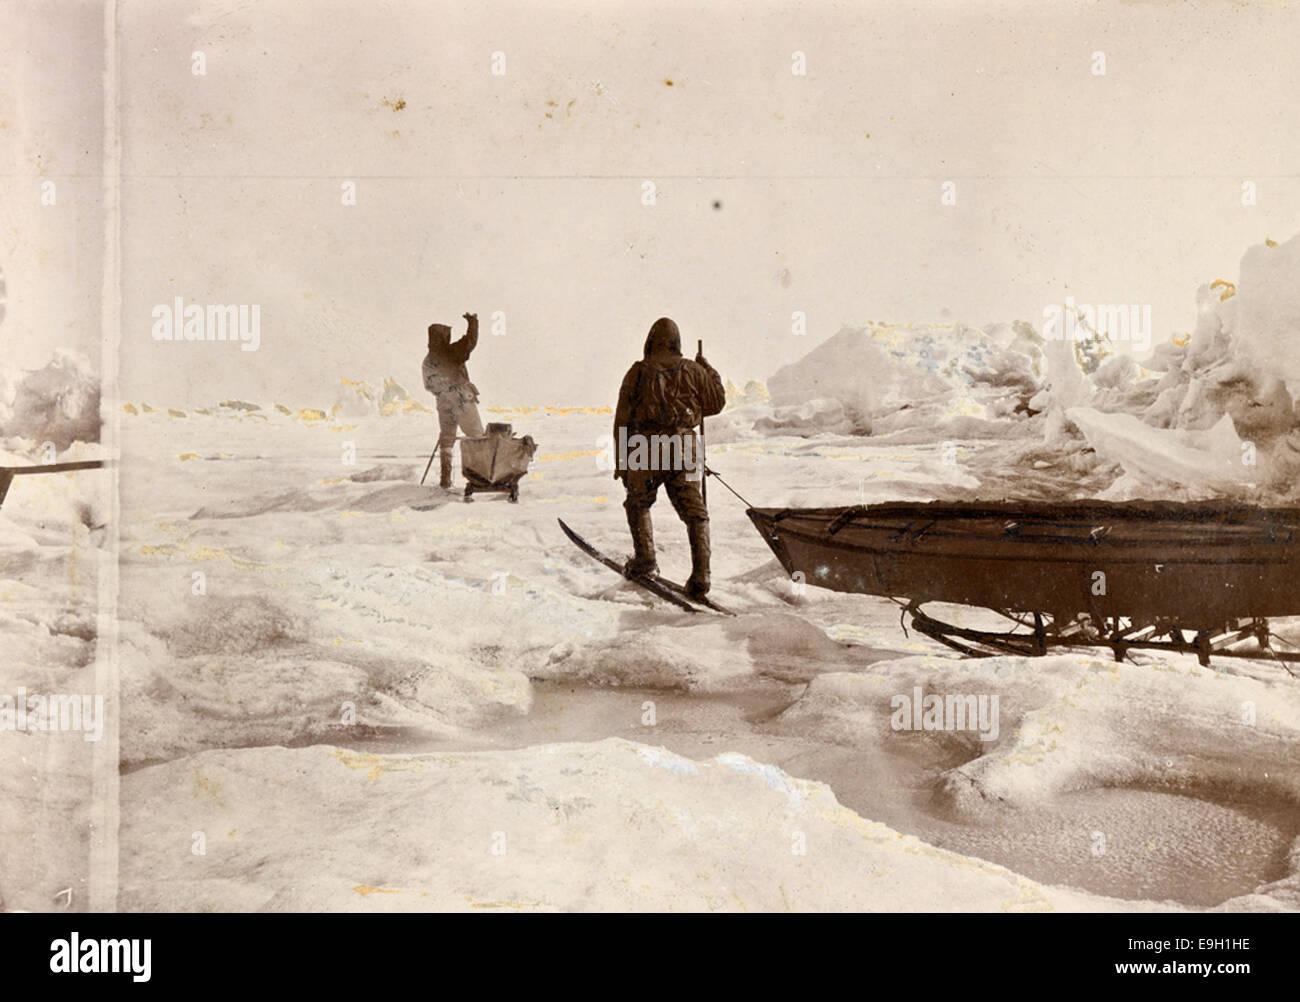 Fredrik Hjalmar Johansen og Fridtjof Nansen trekker kjelkene på vei sørover, 1896 Stock Photo